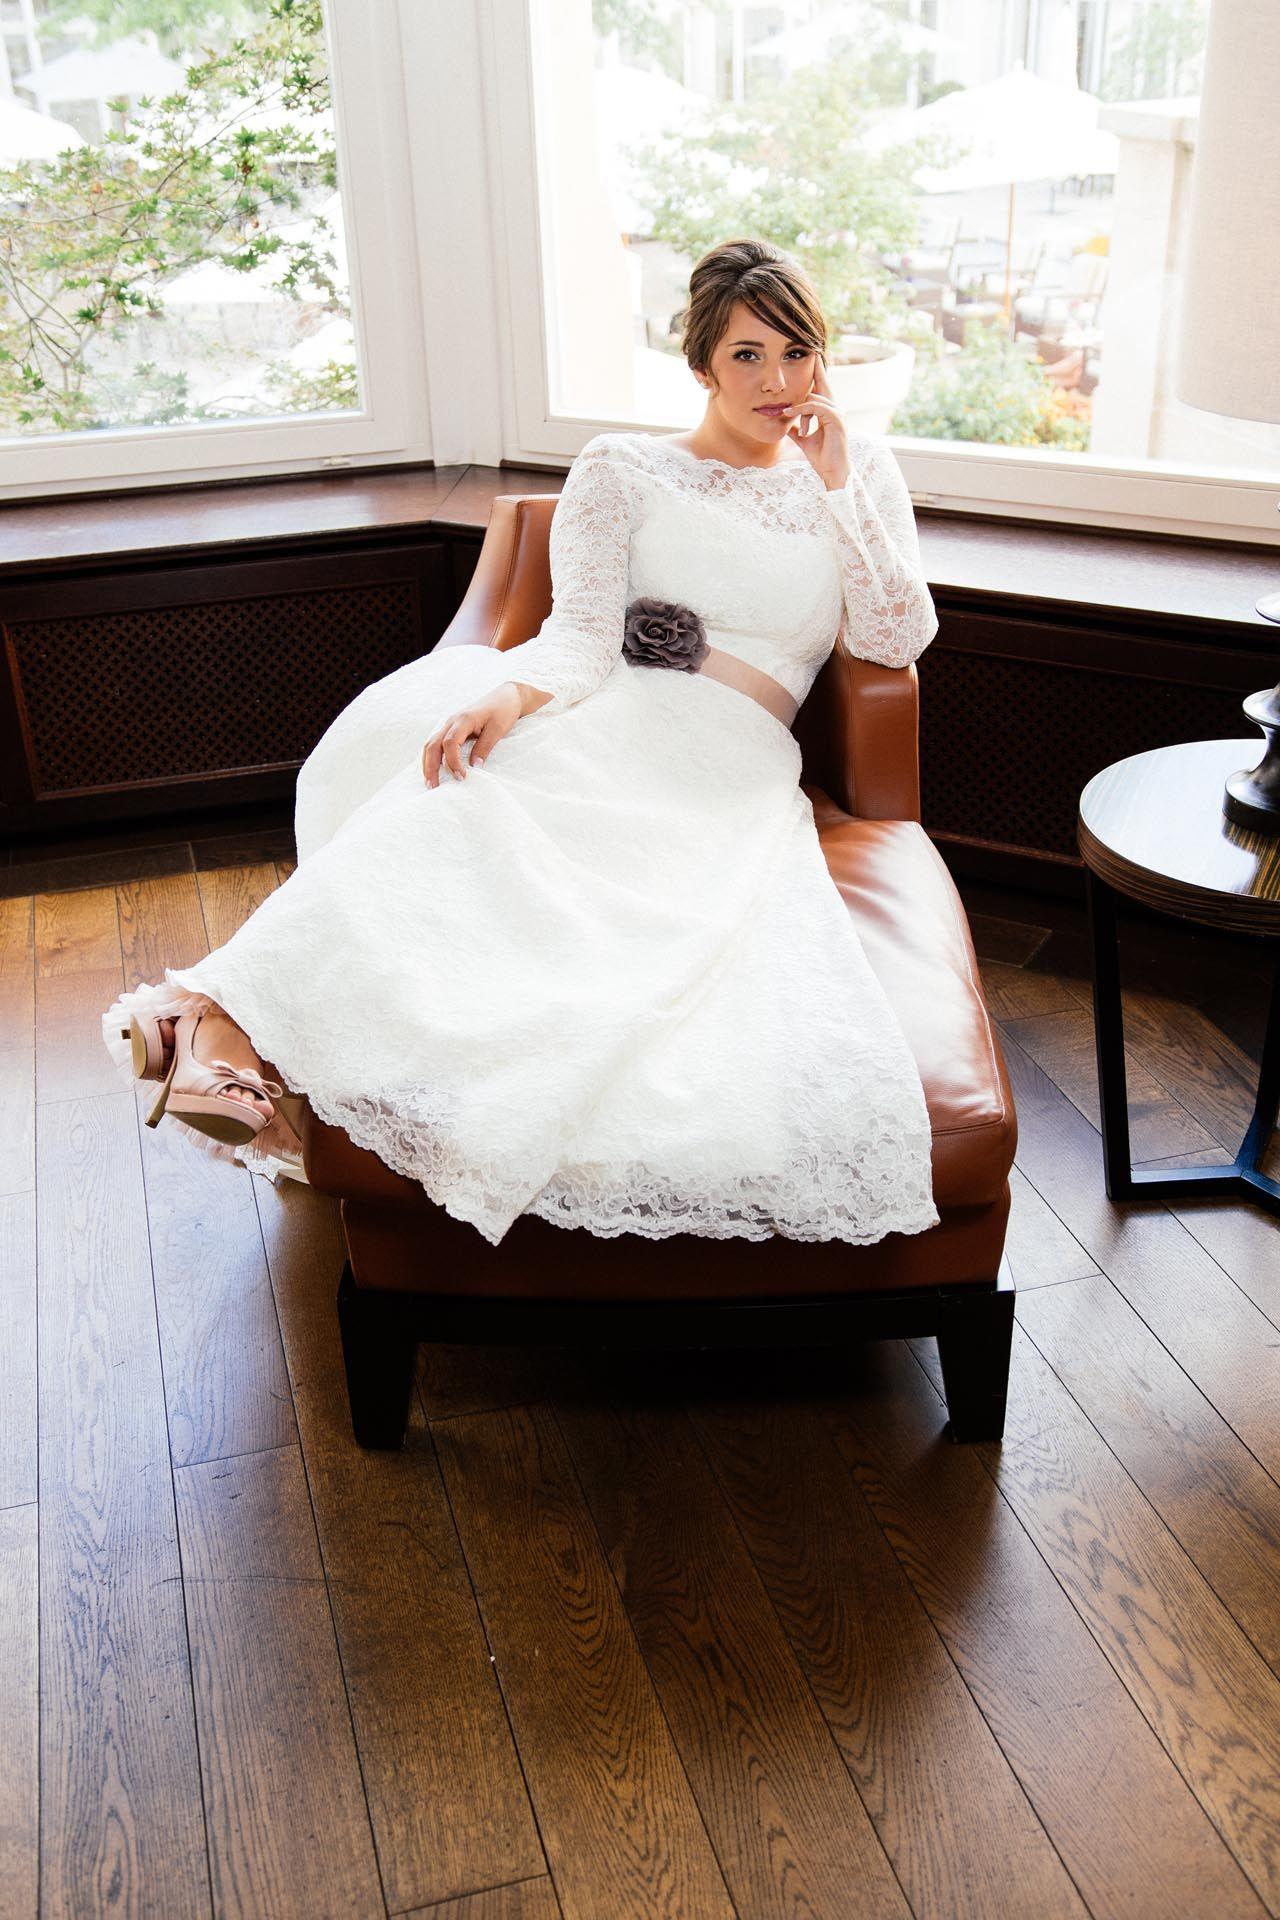 Brautkleider Grosse Grossen Moderne Hochzeitskleider In 48 50 Und 52 Brautmode Brautkleider Grosse Grossen